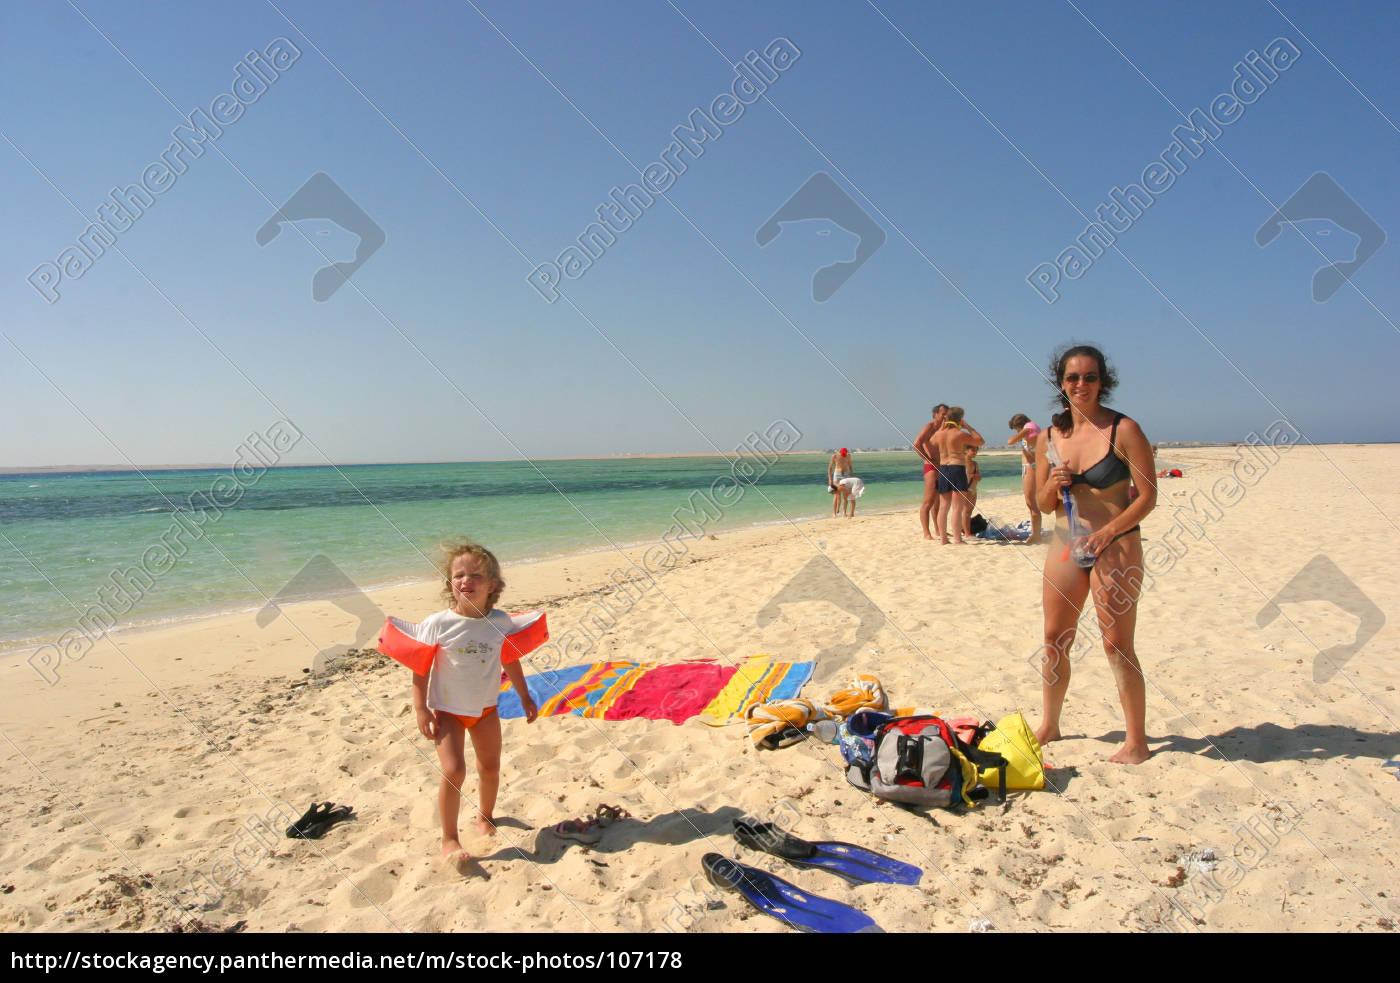 tubya, iceland, beach - 107178